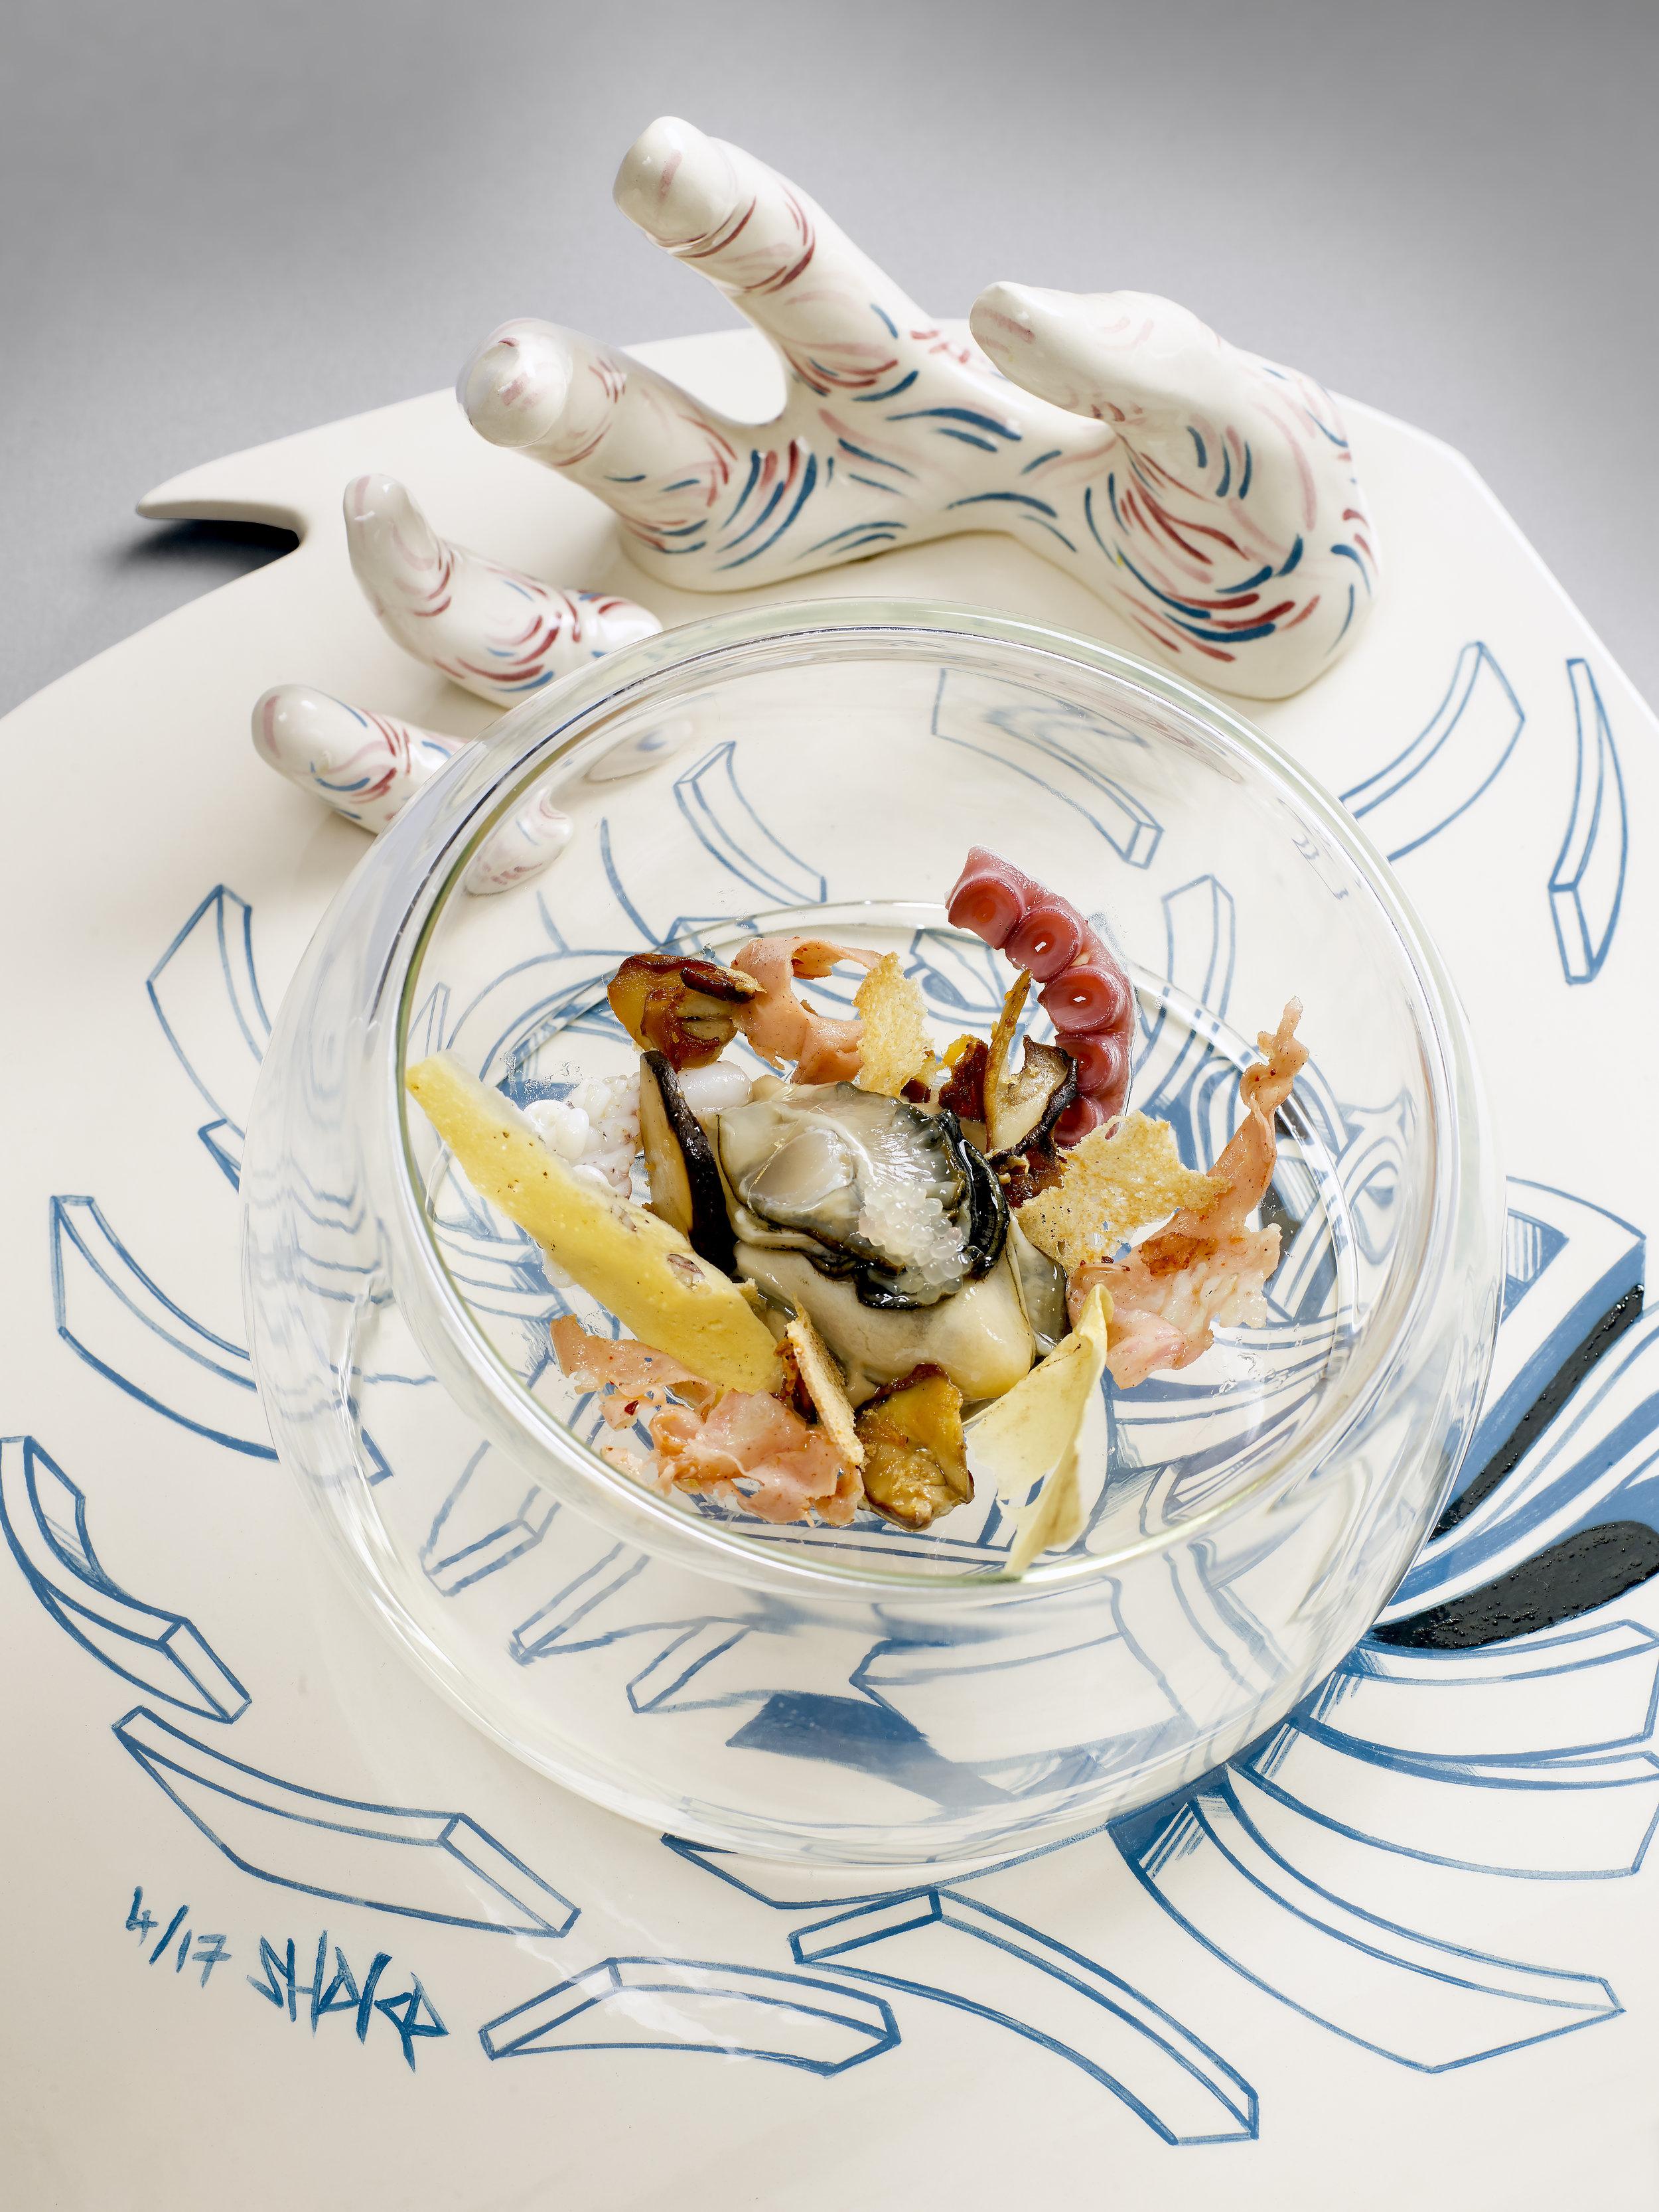 Artiste SHAKA pour La Palme D'Or - Restaurant 2 étoiles Cannes